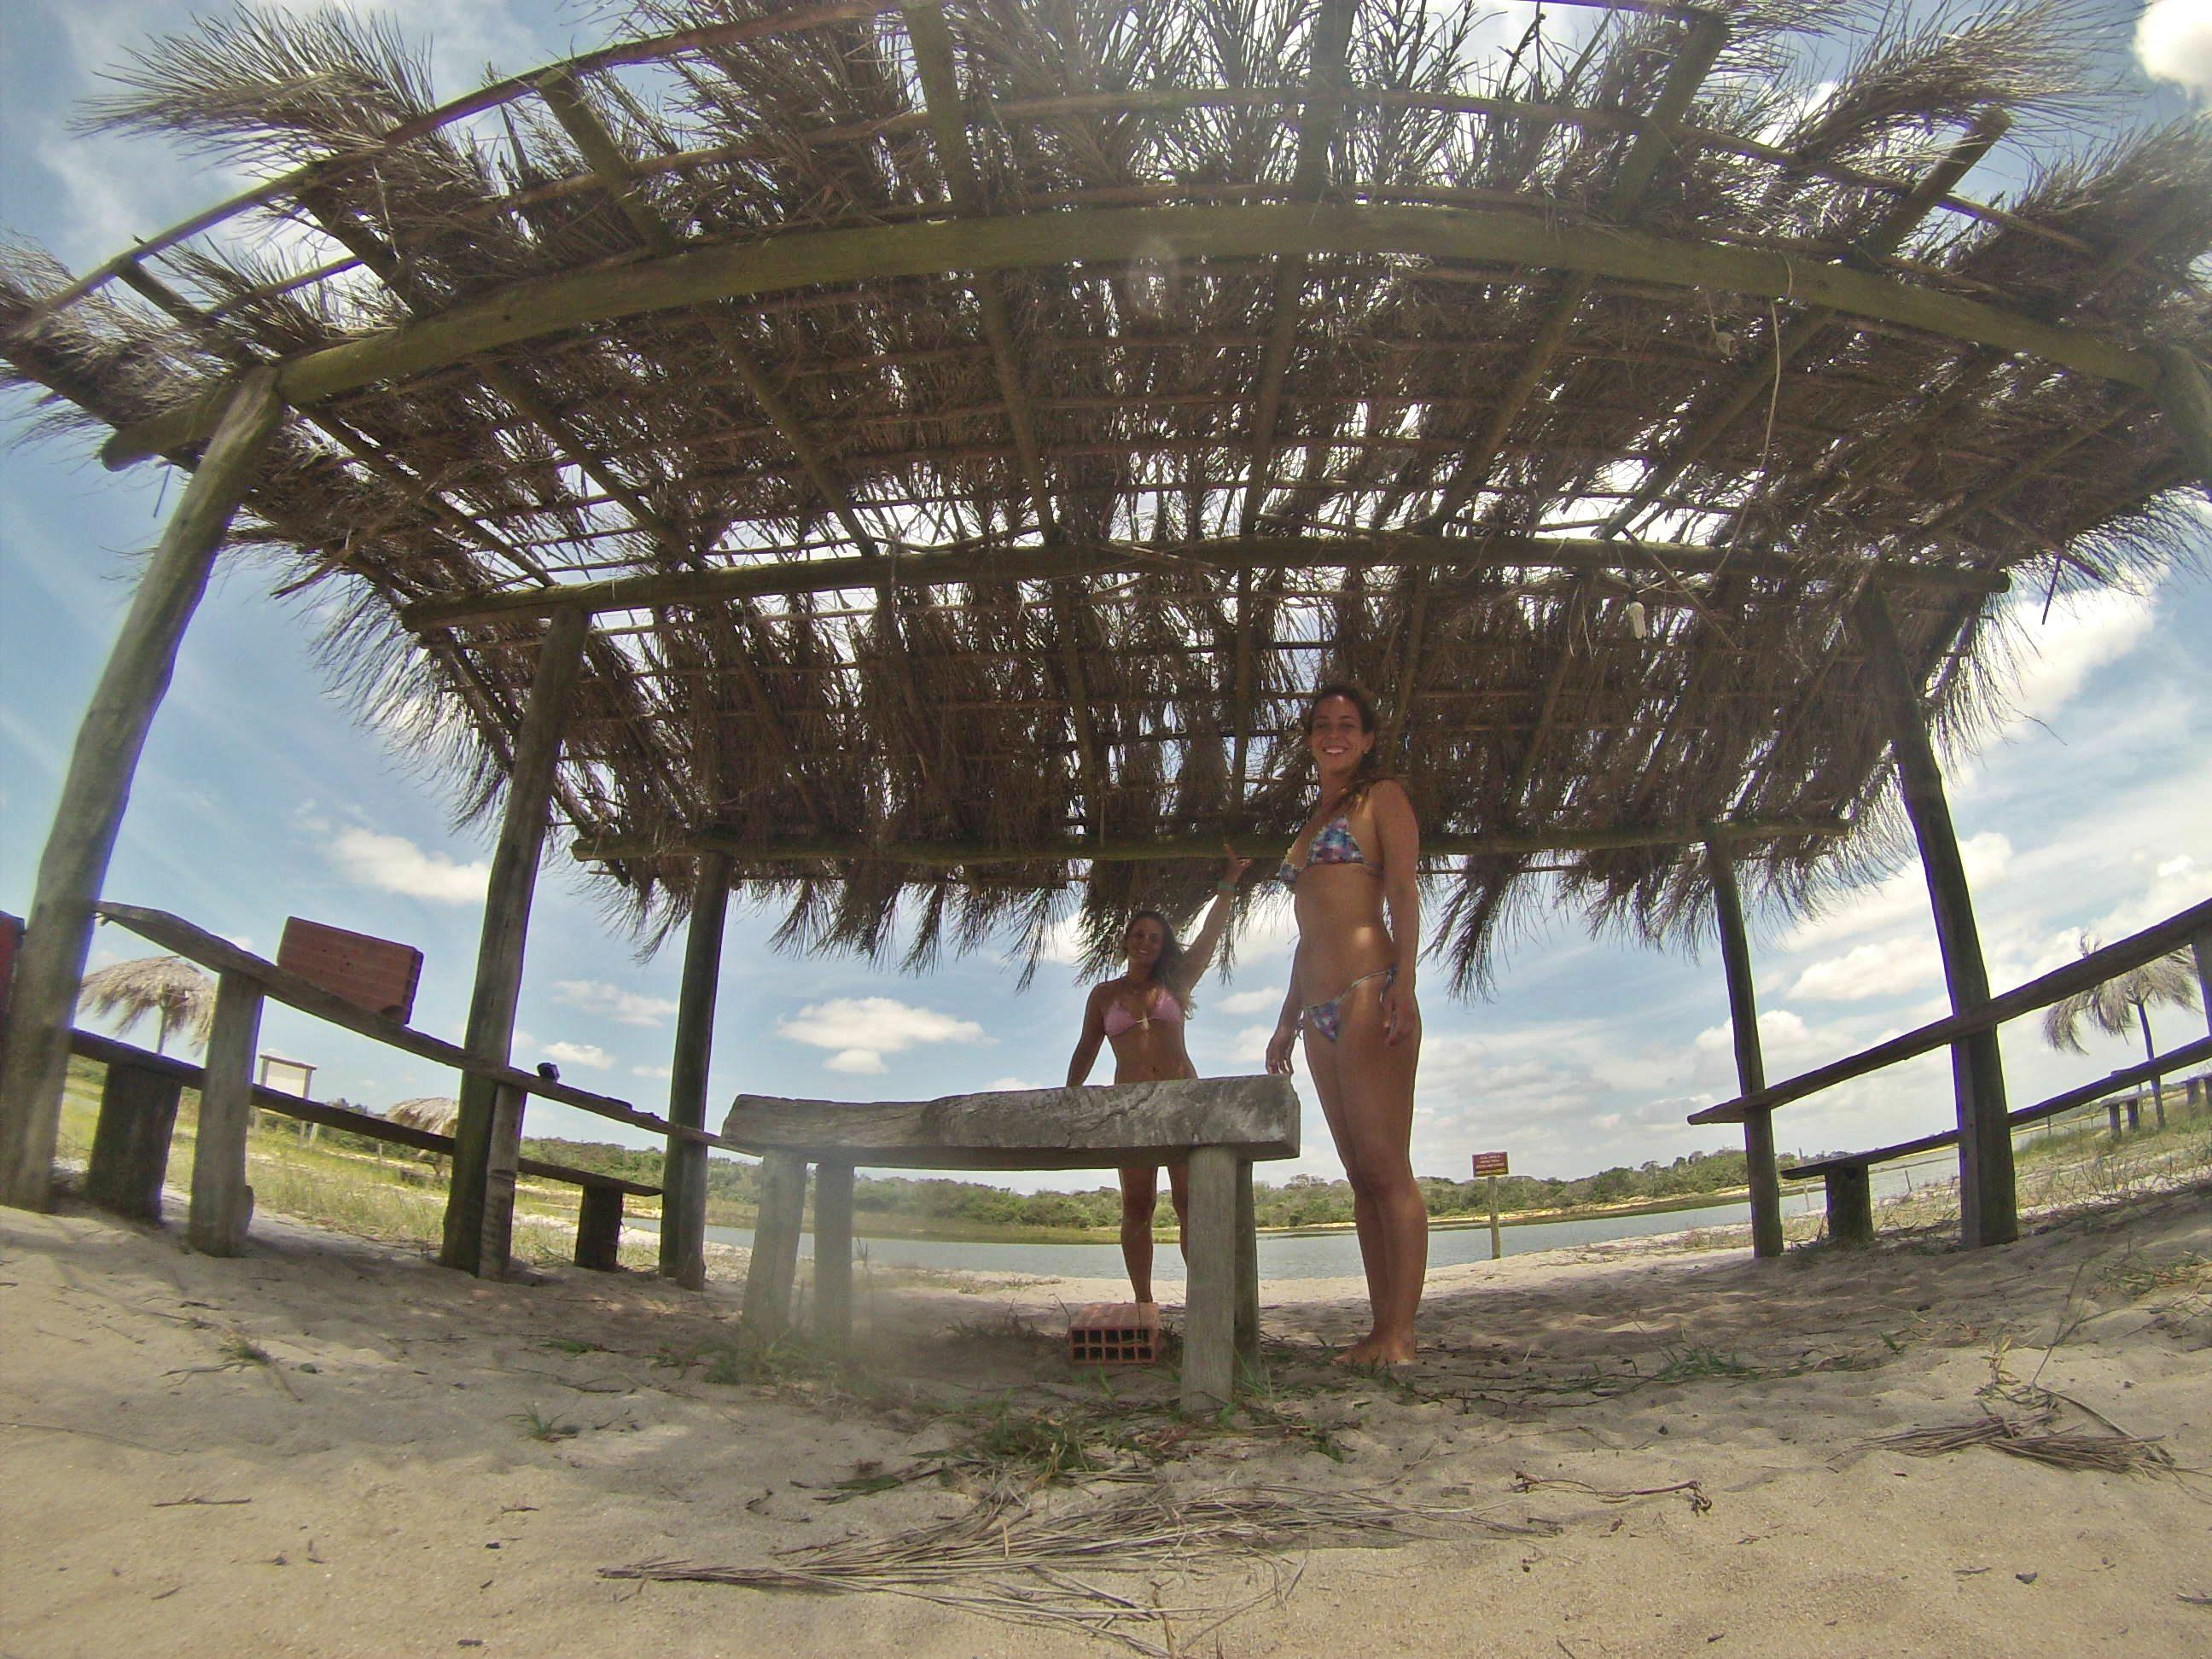 Vestindo a Alma, Blog de Lifestyle, Blog de Viagens, Dicas de viagens, praias do mundo, Bruna Villegas, melhores blogs de viagens, blog de viagens pelo mundo, blog estilo de vida, blogs de surf, blog surf trip, melhores blogs, regencia, espirito santo, mar de lama em regência, desastre em regência, surf em regência,